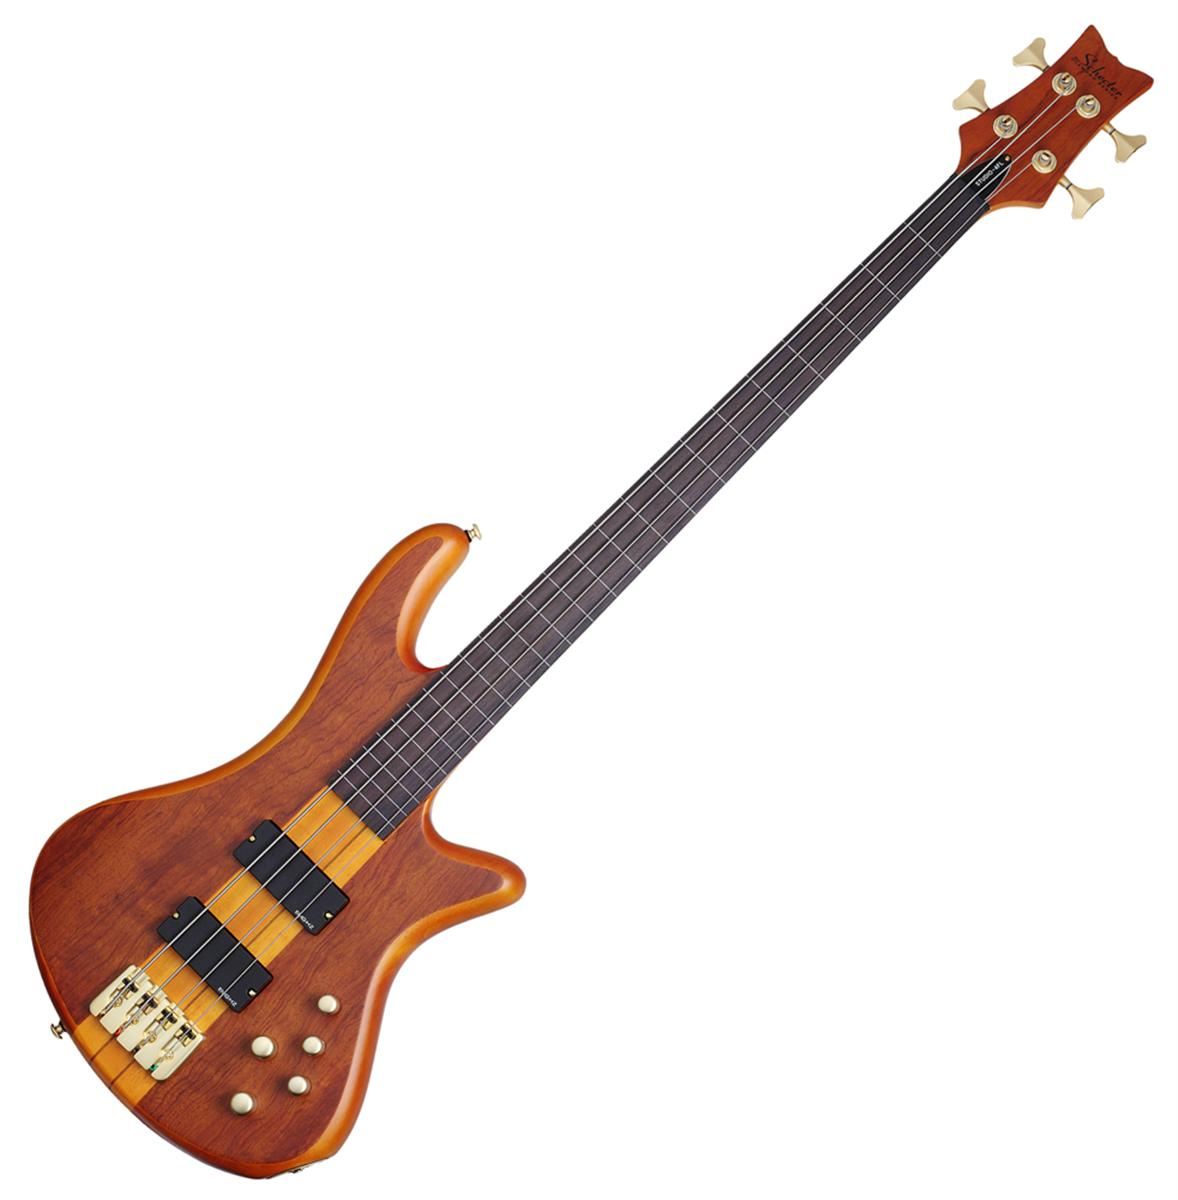 Warwick Bass Guitar Wallpaper: HD Bass Guitar Wallpaper